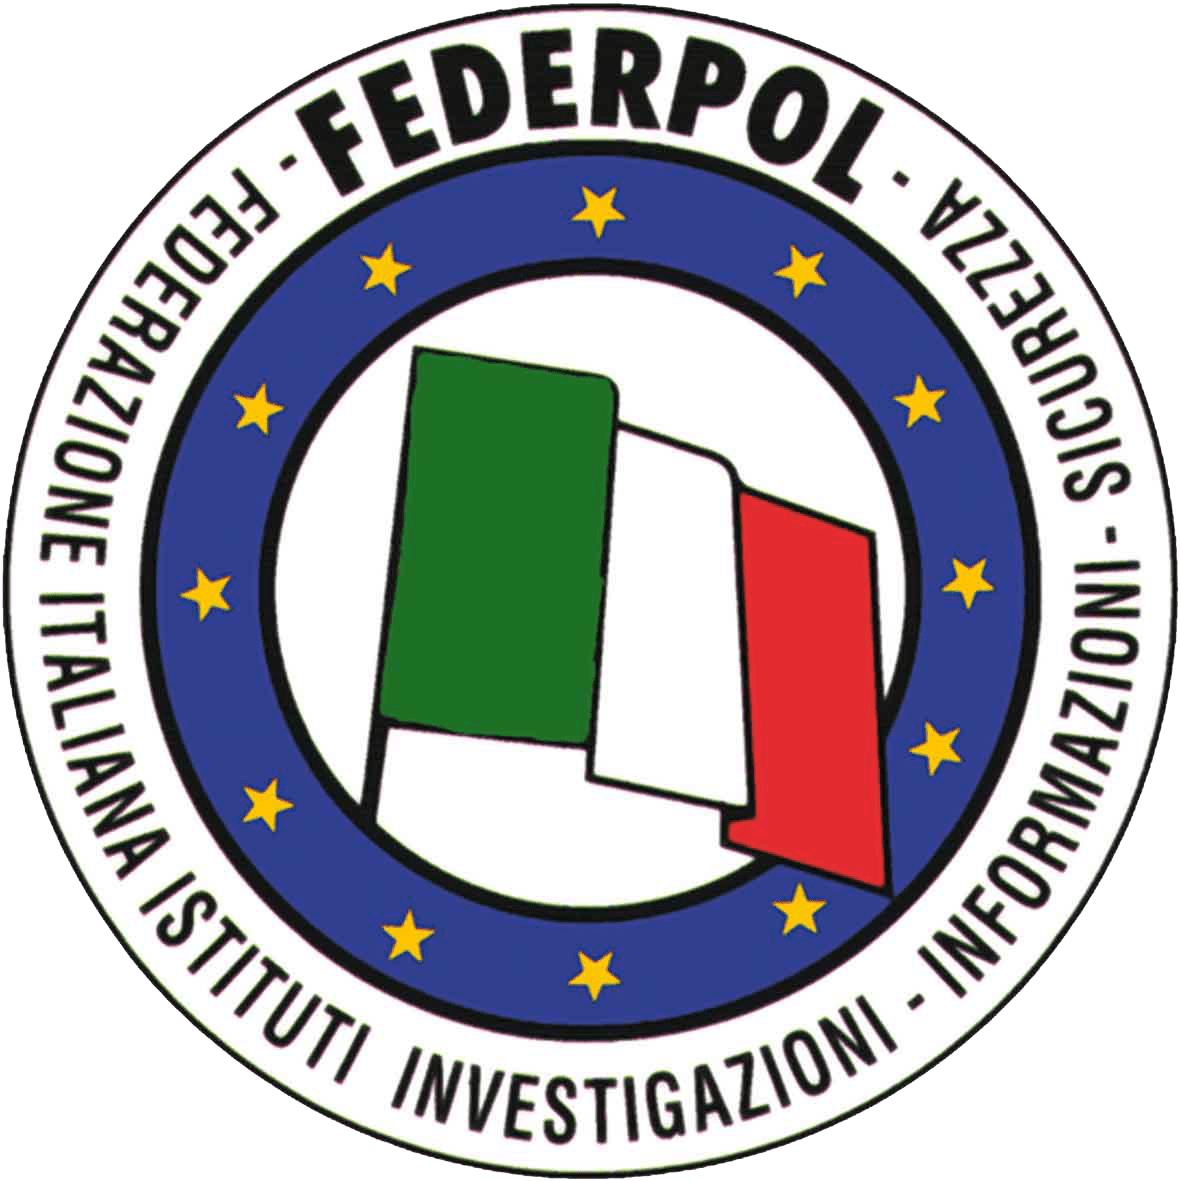 Assemblea Regionale Federpol Campania all' l'Armeria Arcieria Calibre Magnum di Salerno